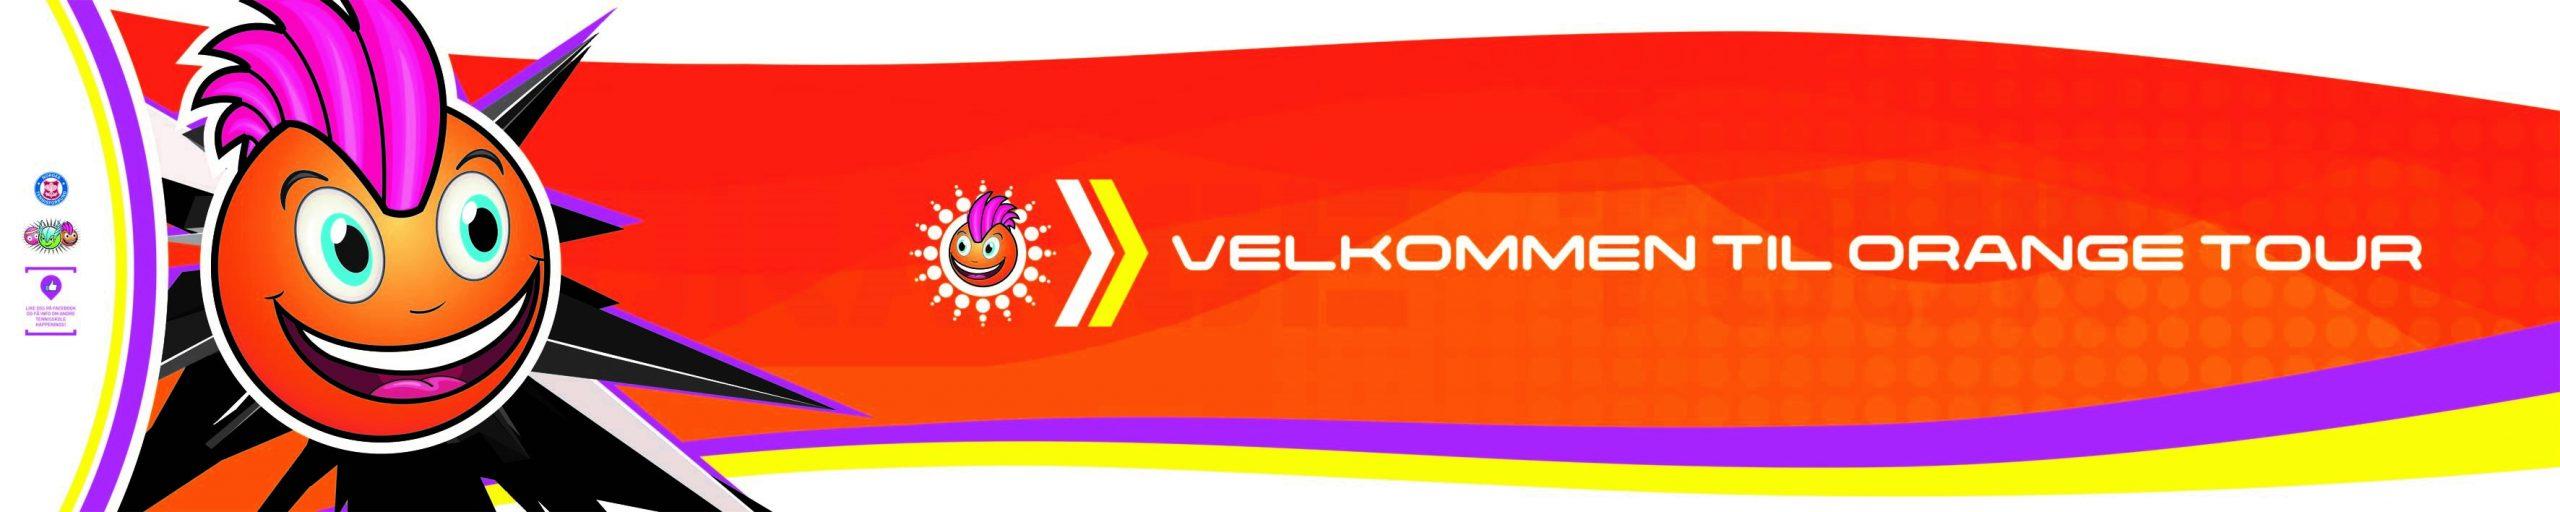 Oransje logo